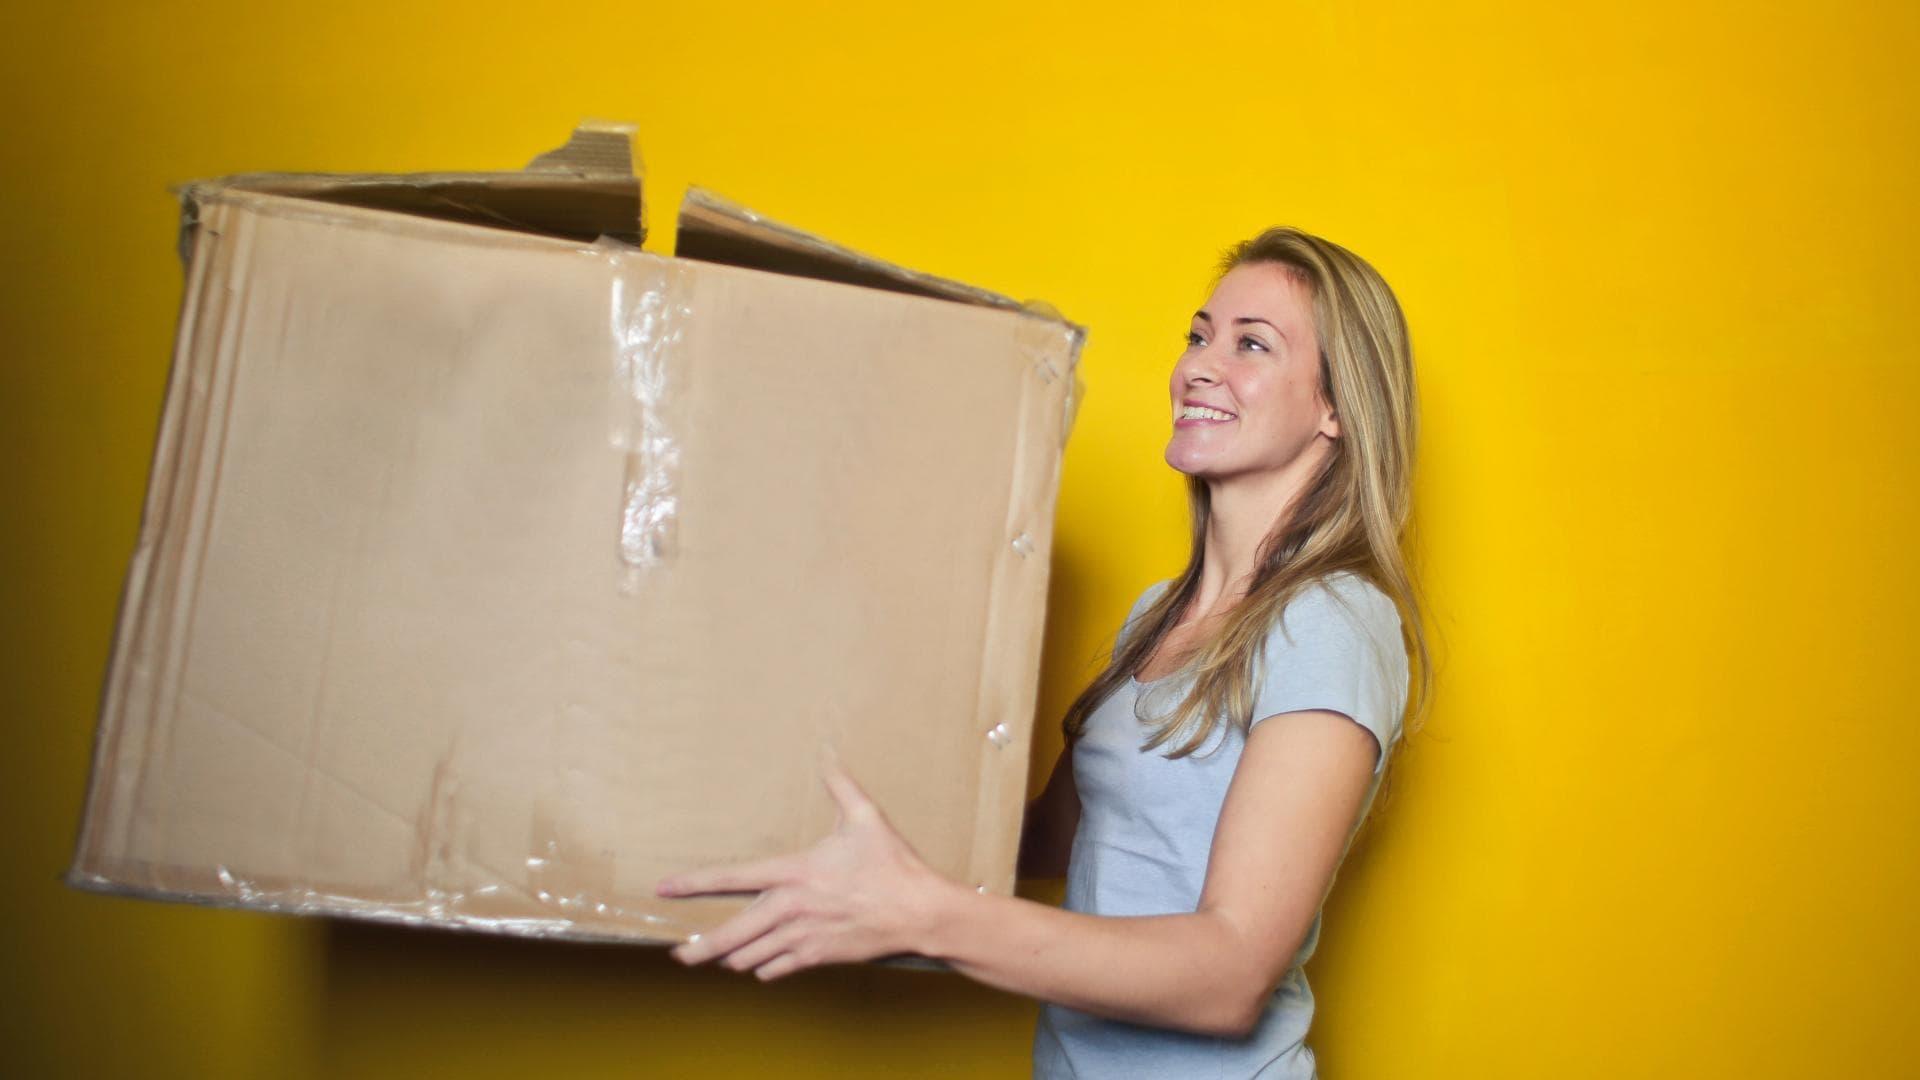 Frau ist glücklich mit großem Paket